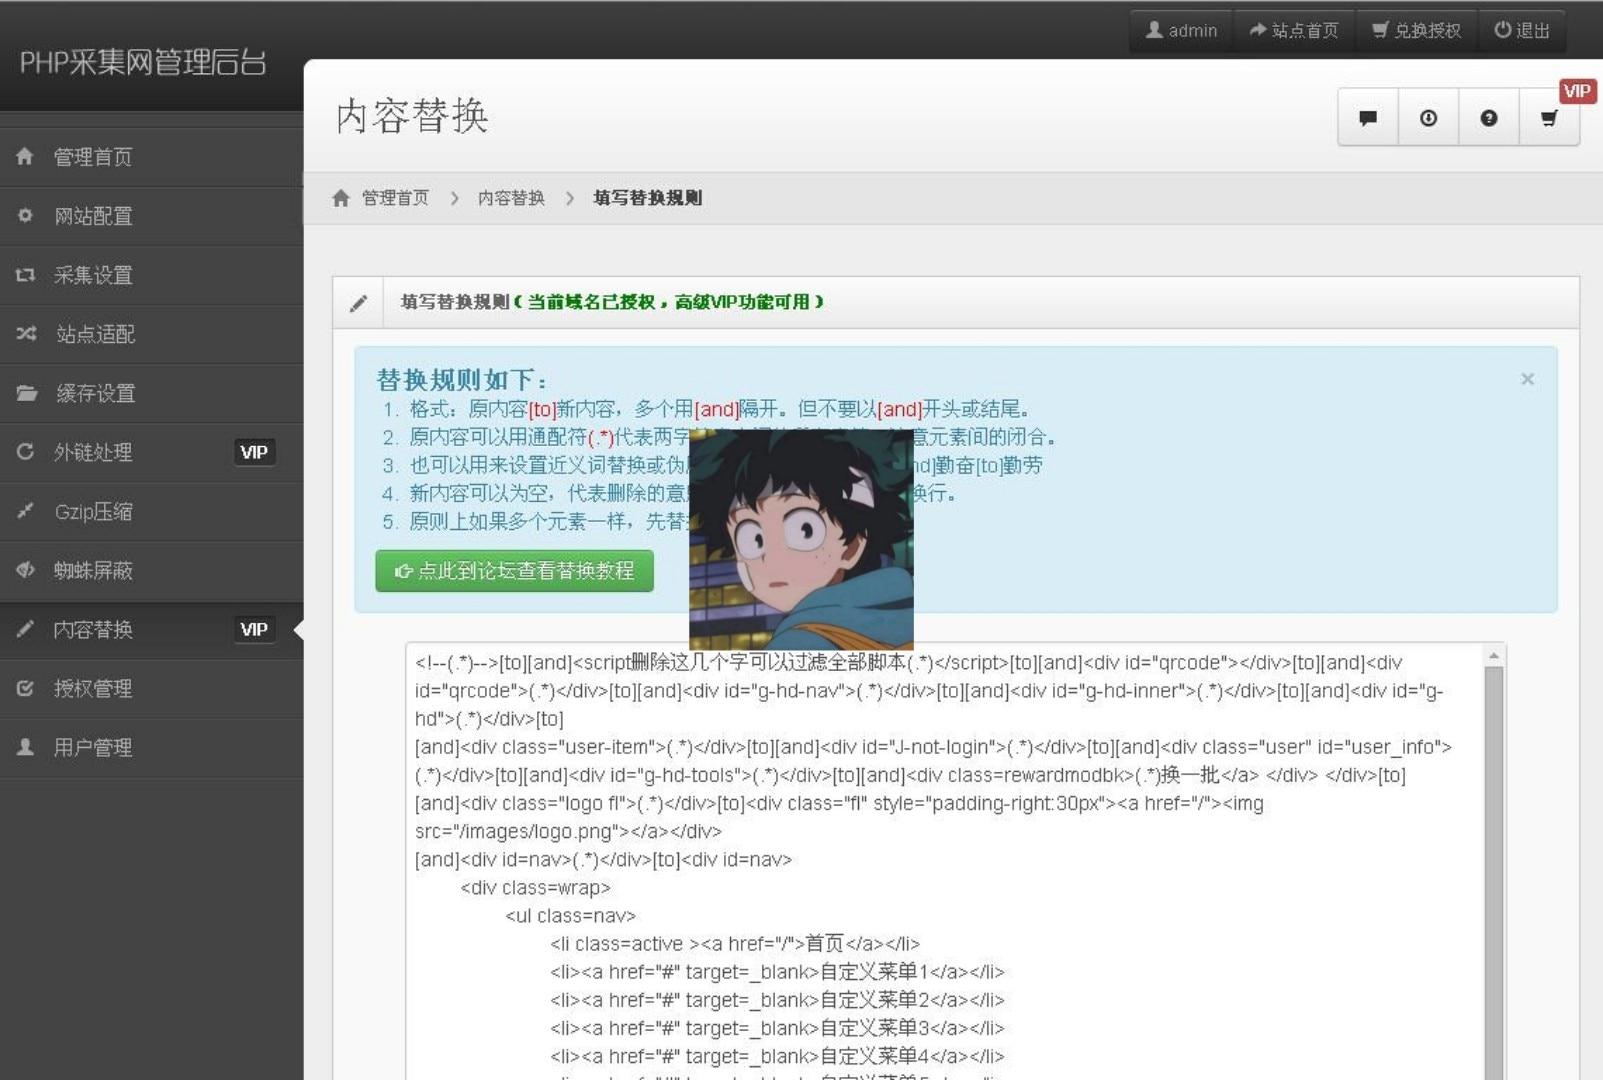 单域名PHP网站镜像克隆程序网站源码-52资源网